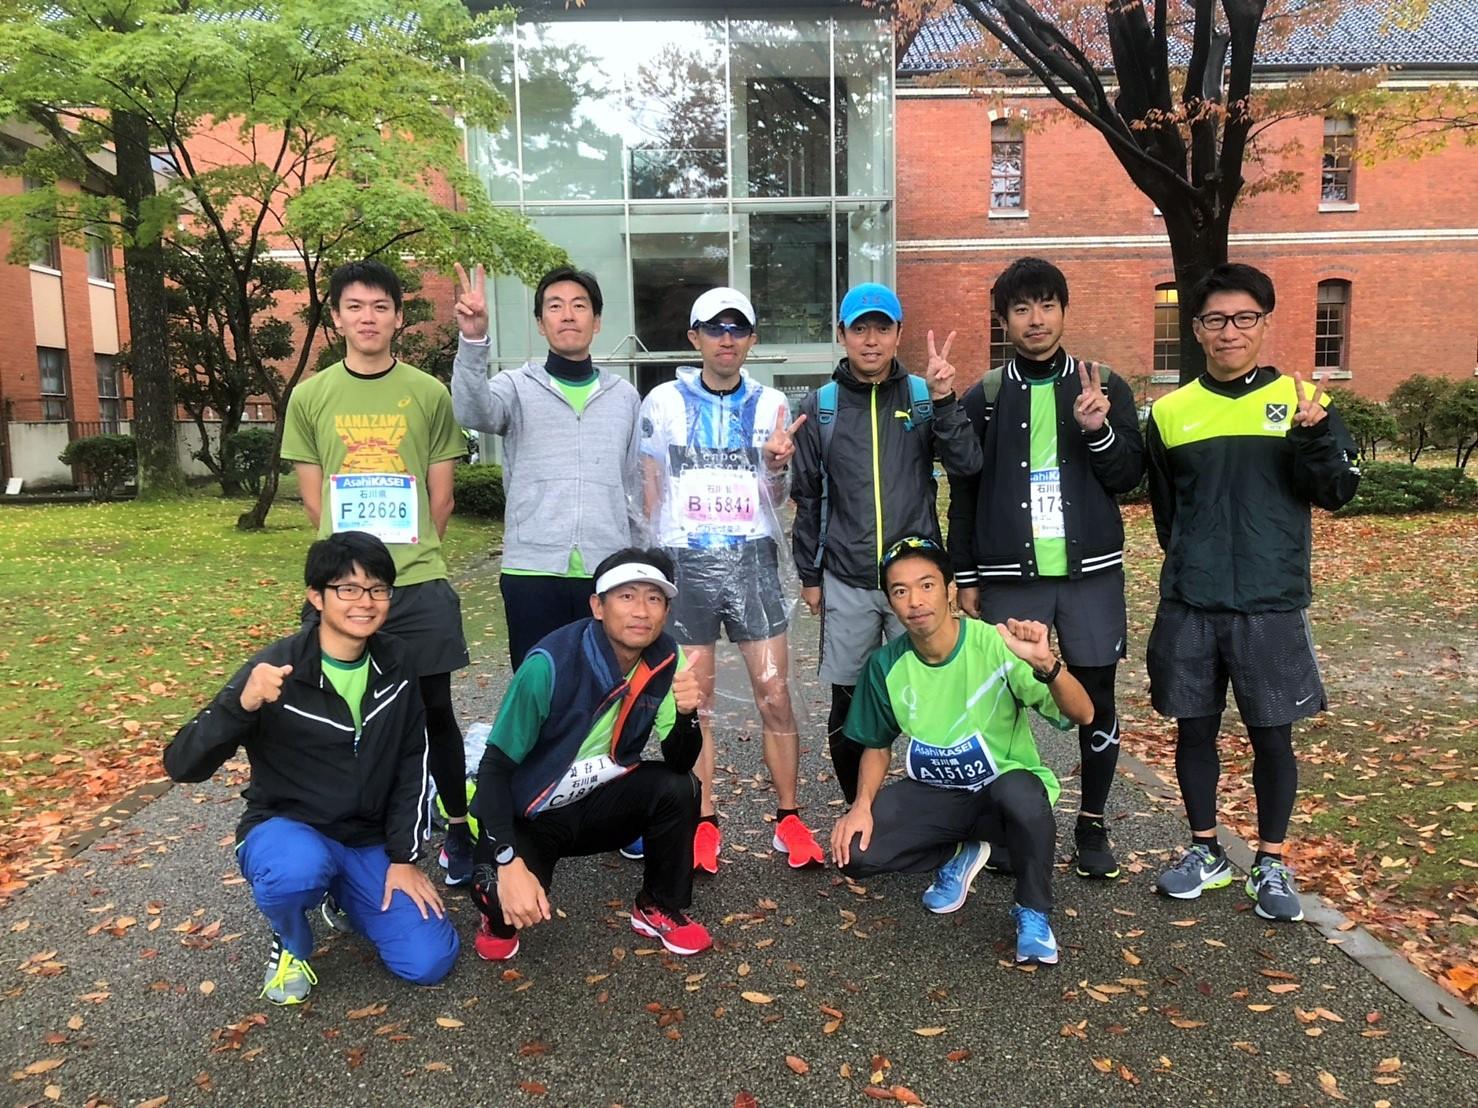 【報告】金沢マラソン2018